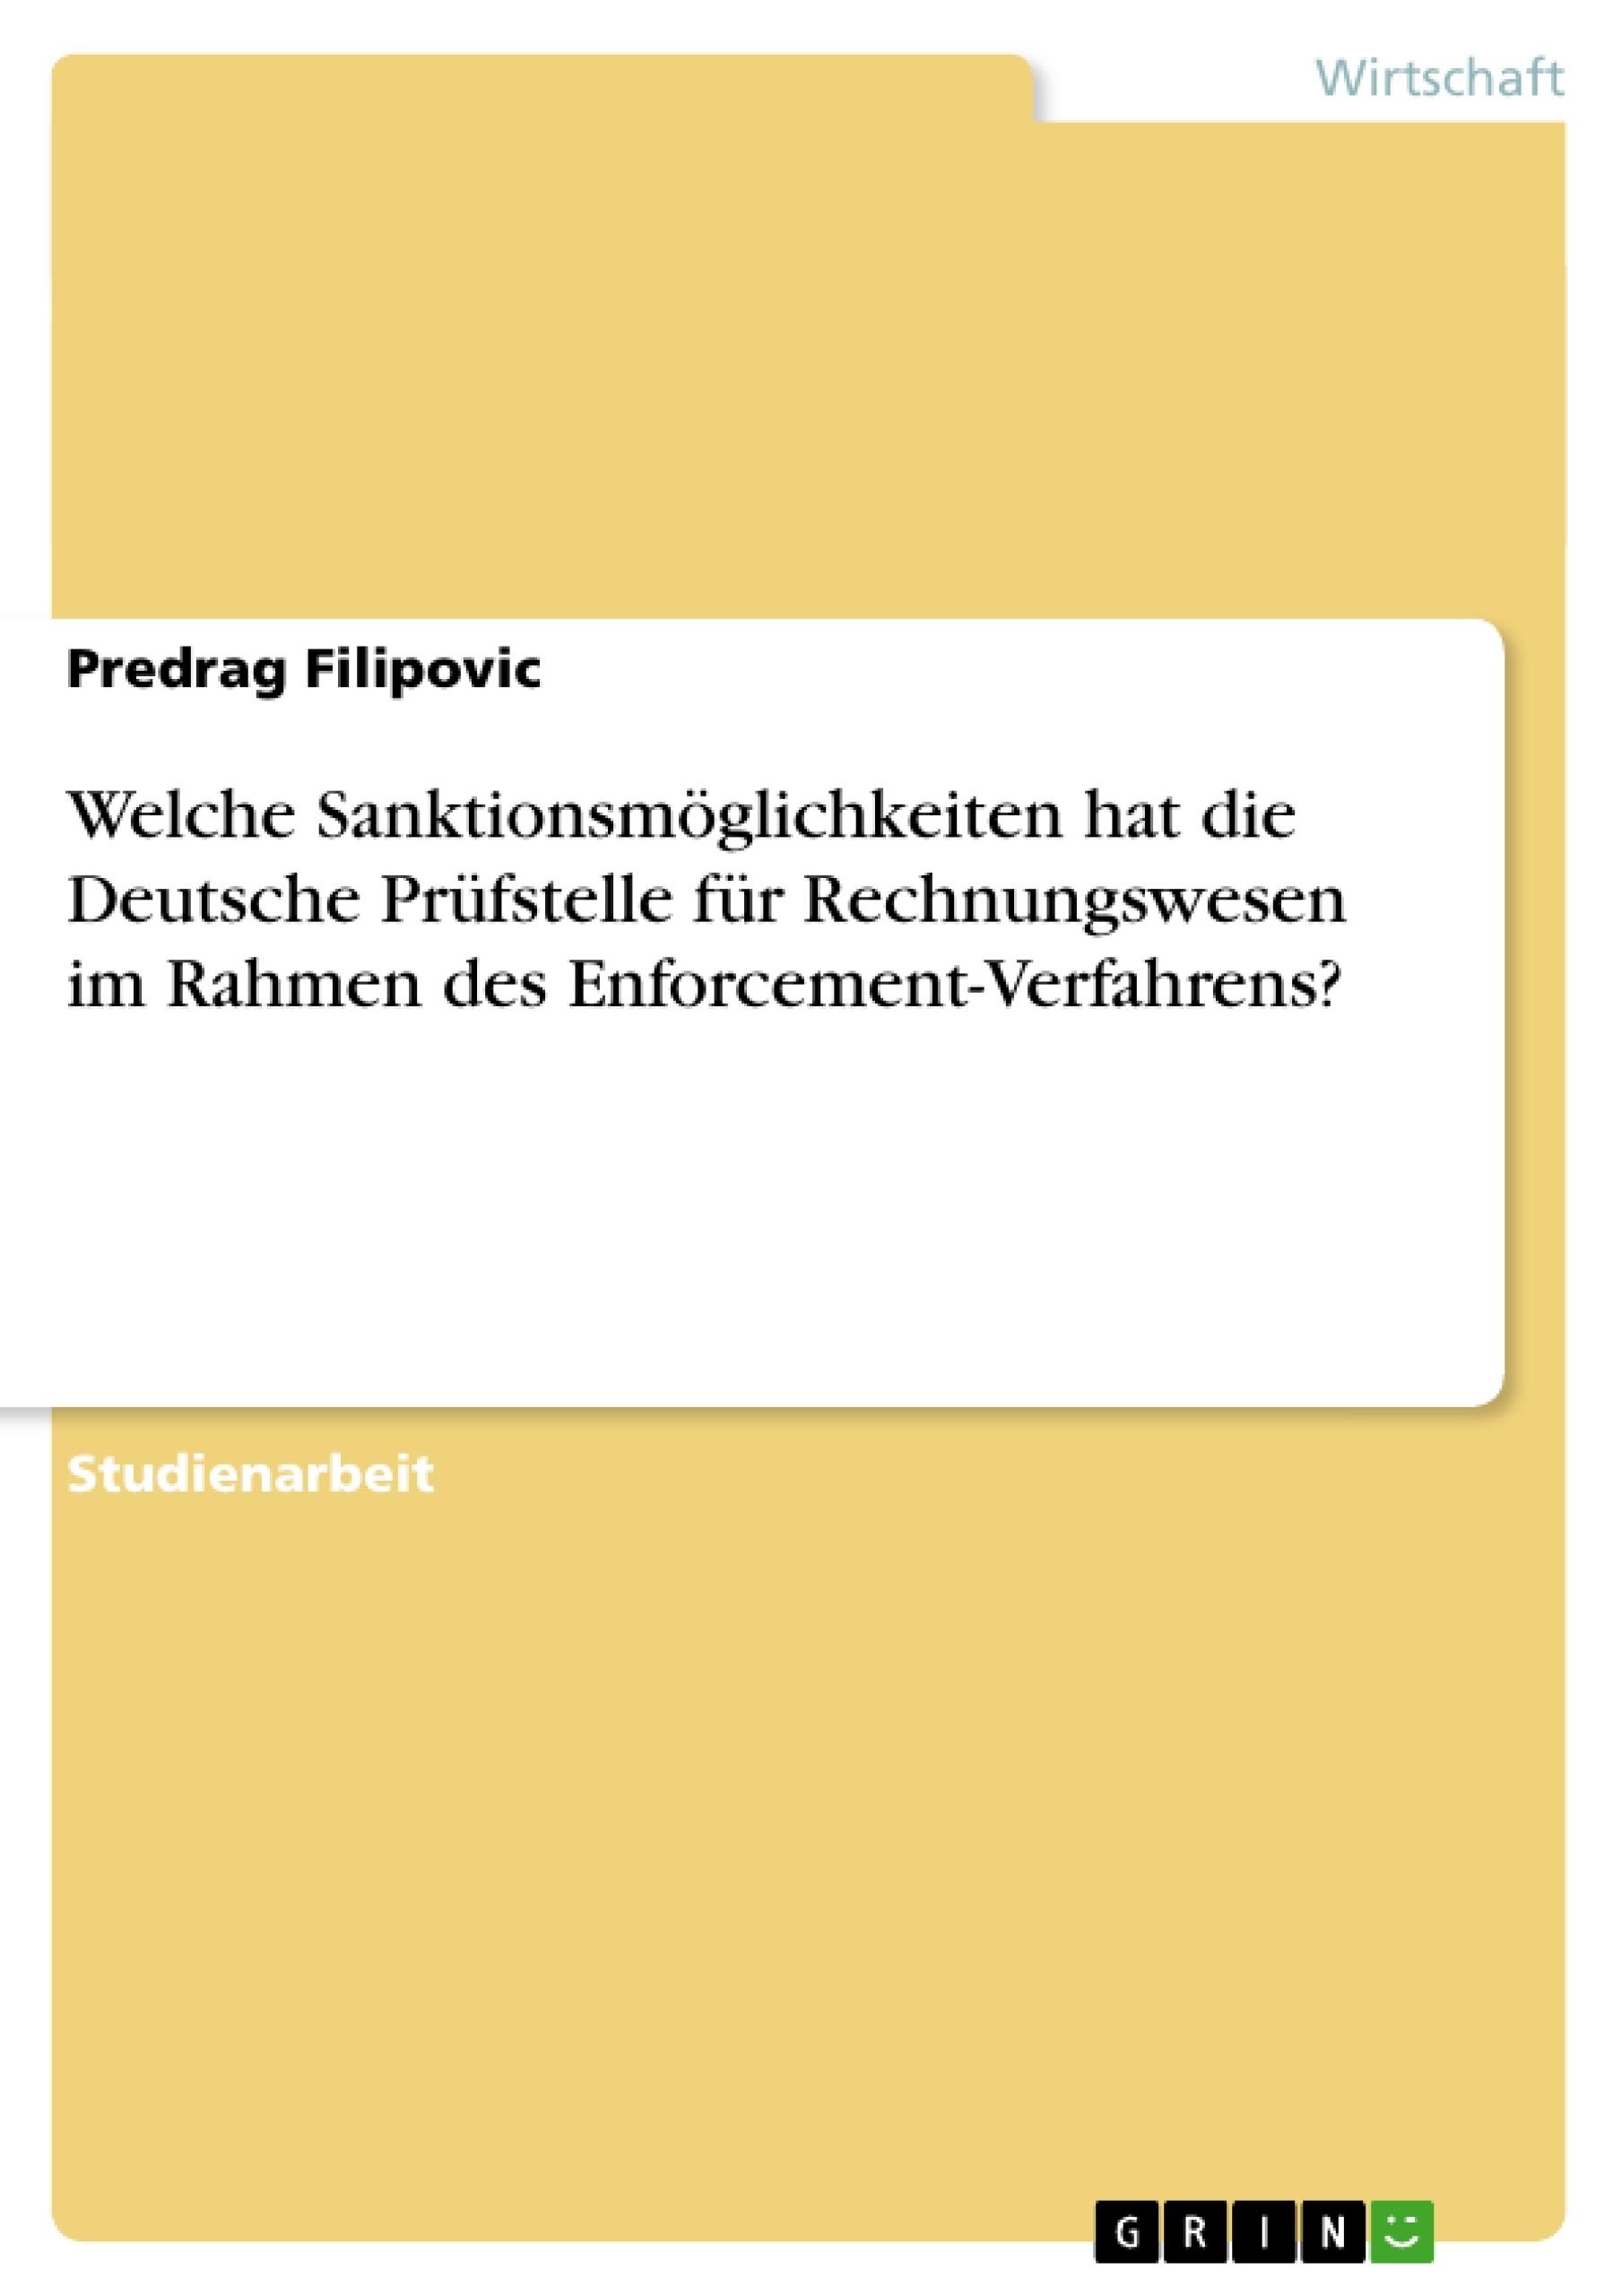 Titel: Welche Sanktionsmöglichkeiten hat die Deutsche Prüfstelle für Rechnungswesen im Rahmen des Enforcement-Verfahrens?